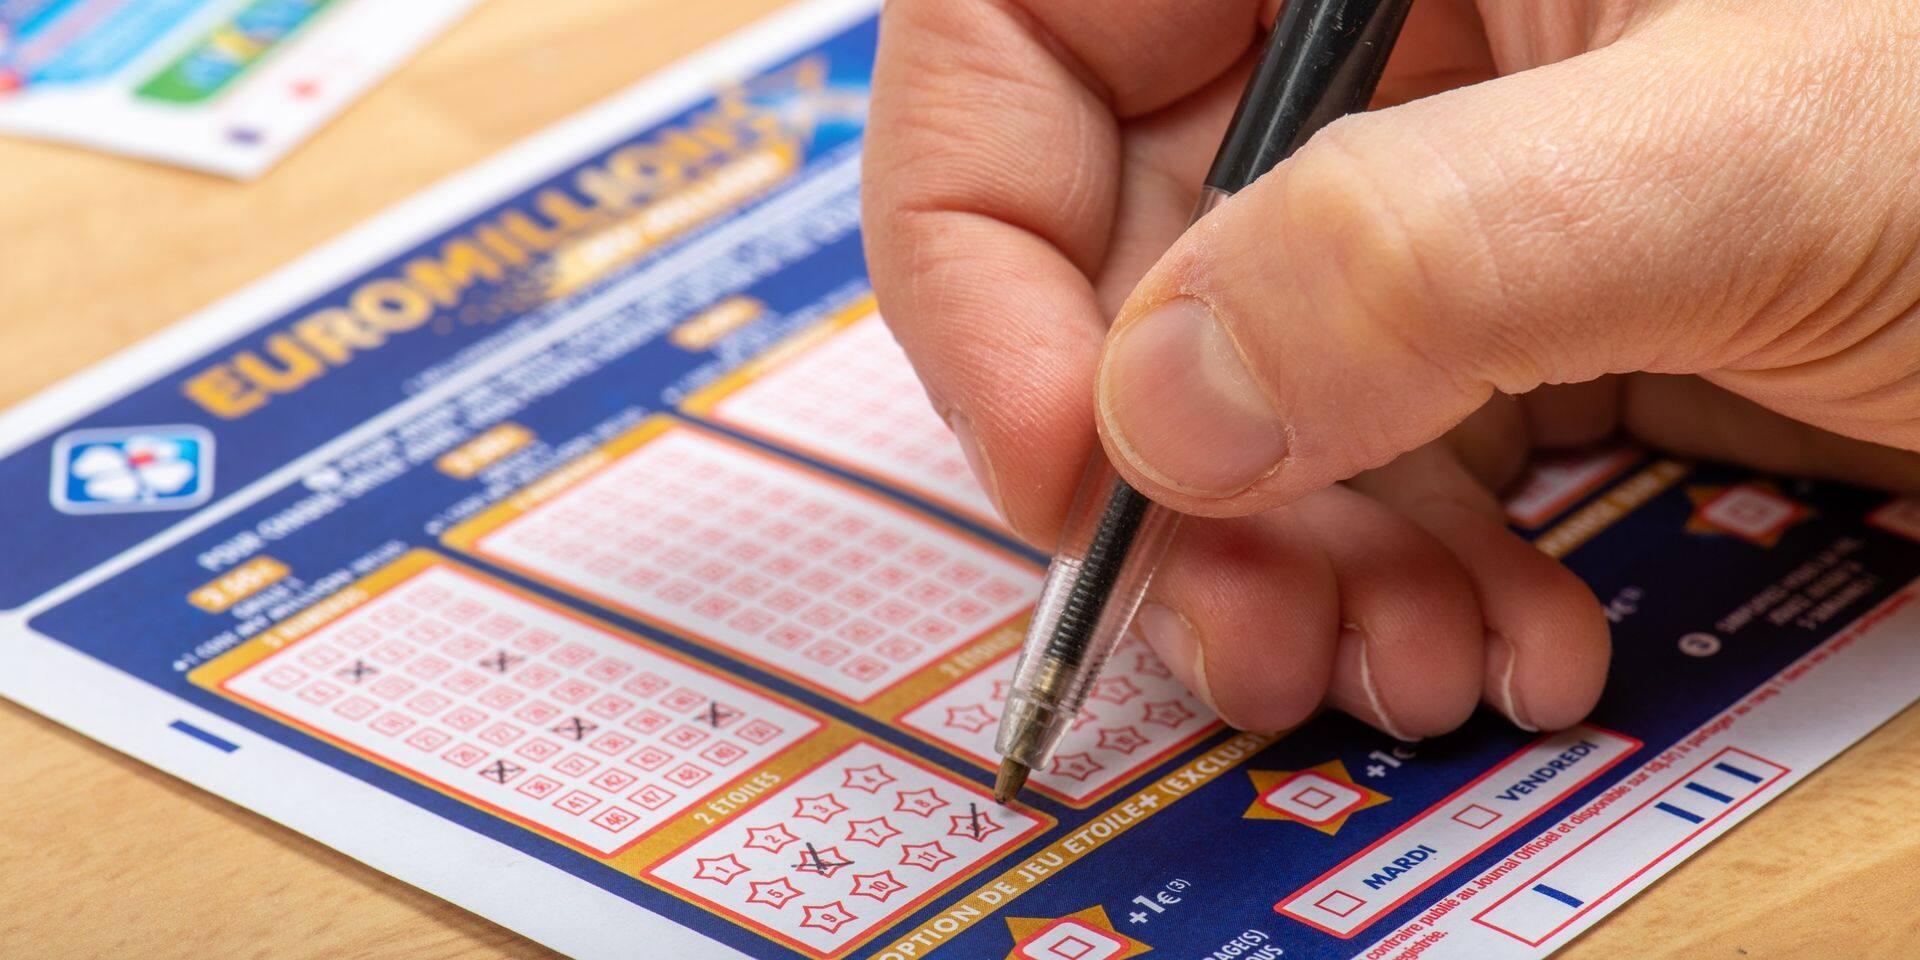 Un jackpot historique ce vendredi à l'Euromillions: voici nos conseils pour maximiser vos chances de remporter les 200 millions